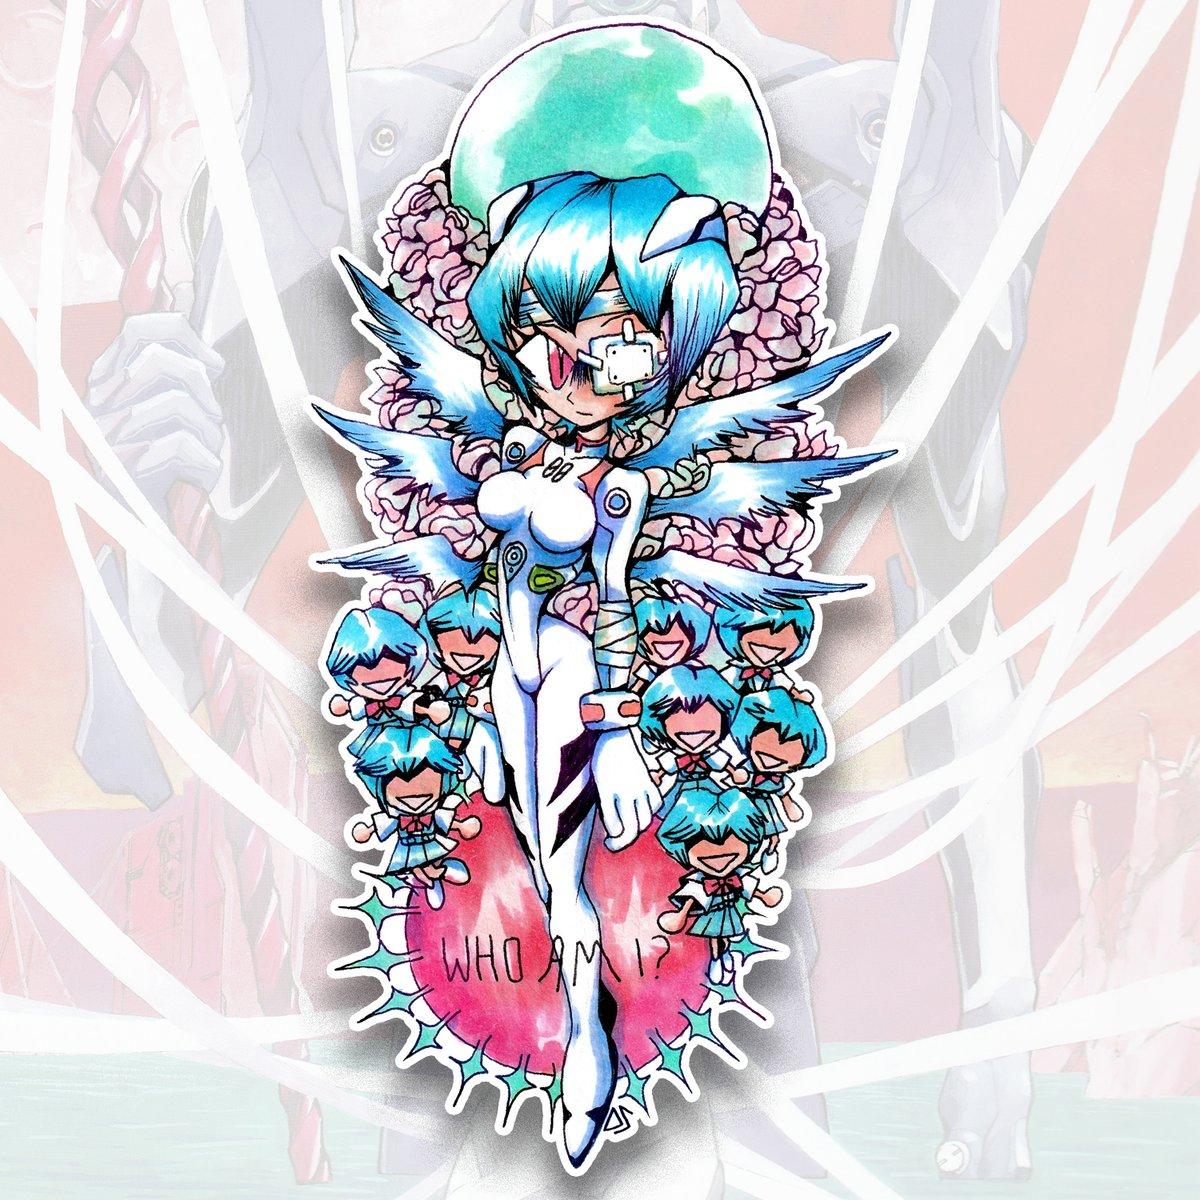 Image of Rei Ayanami Evangelion Sticker